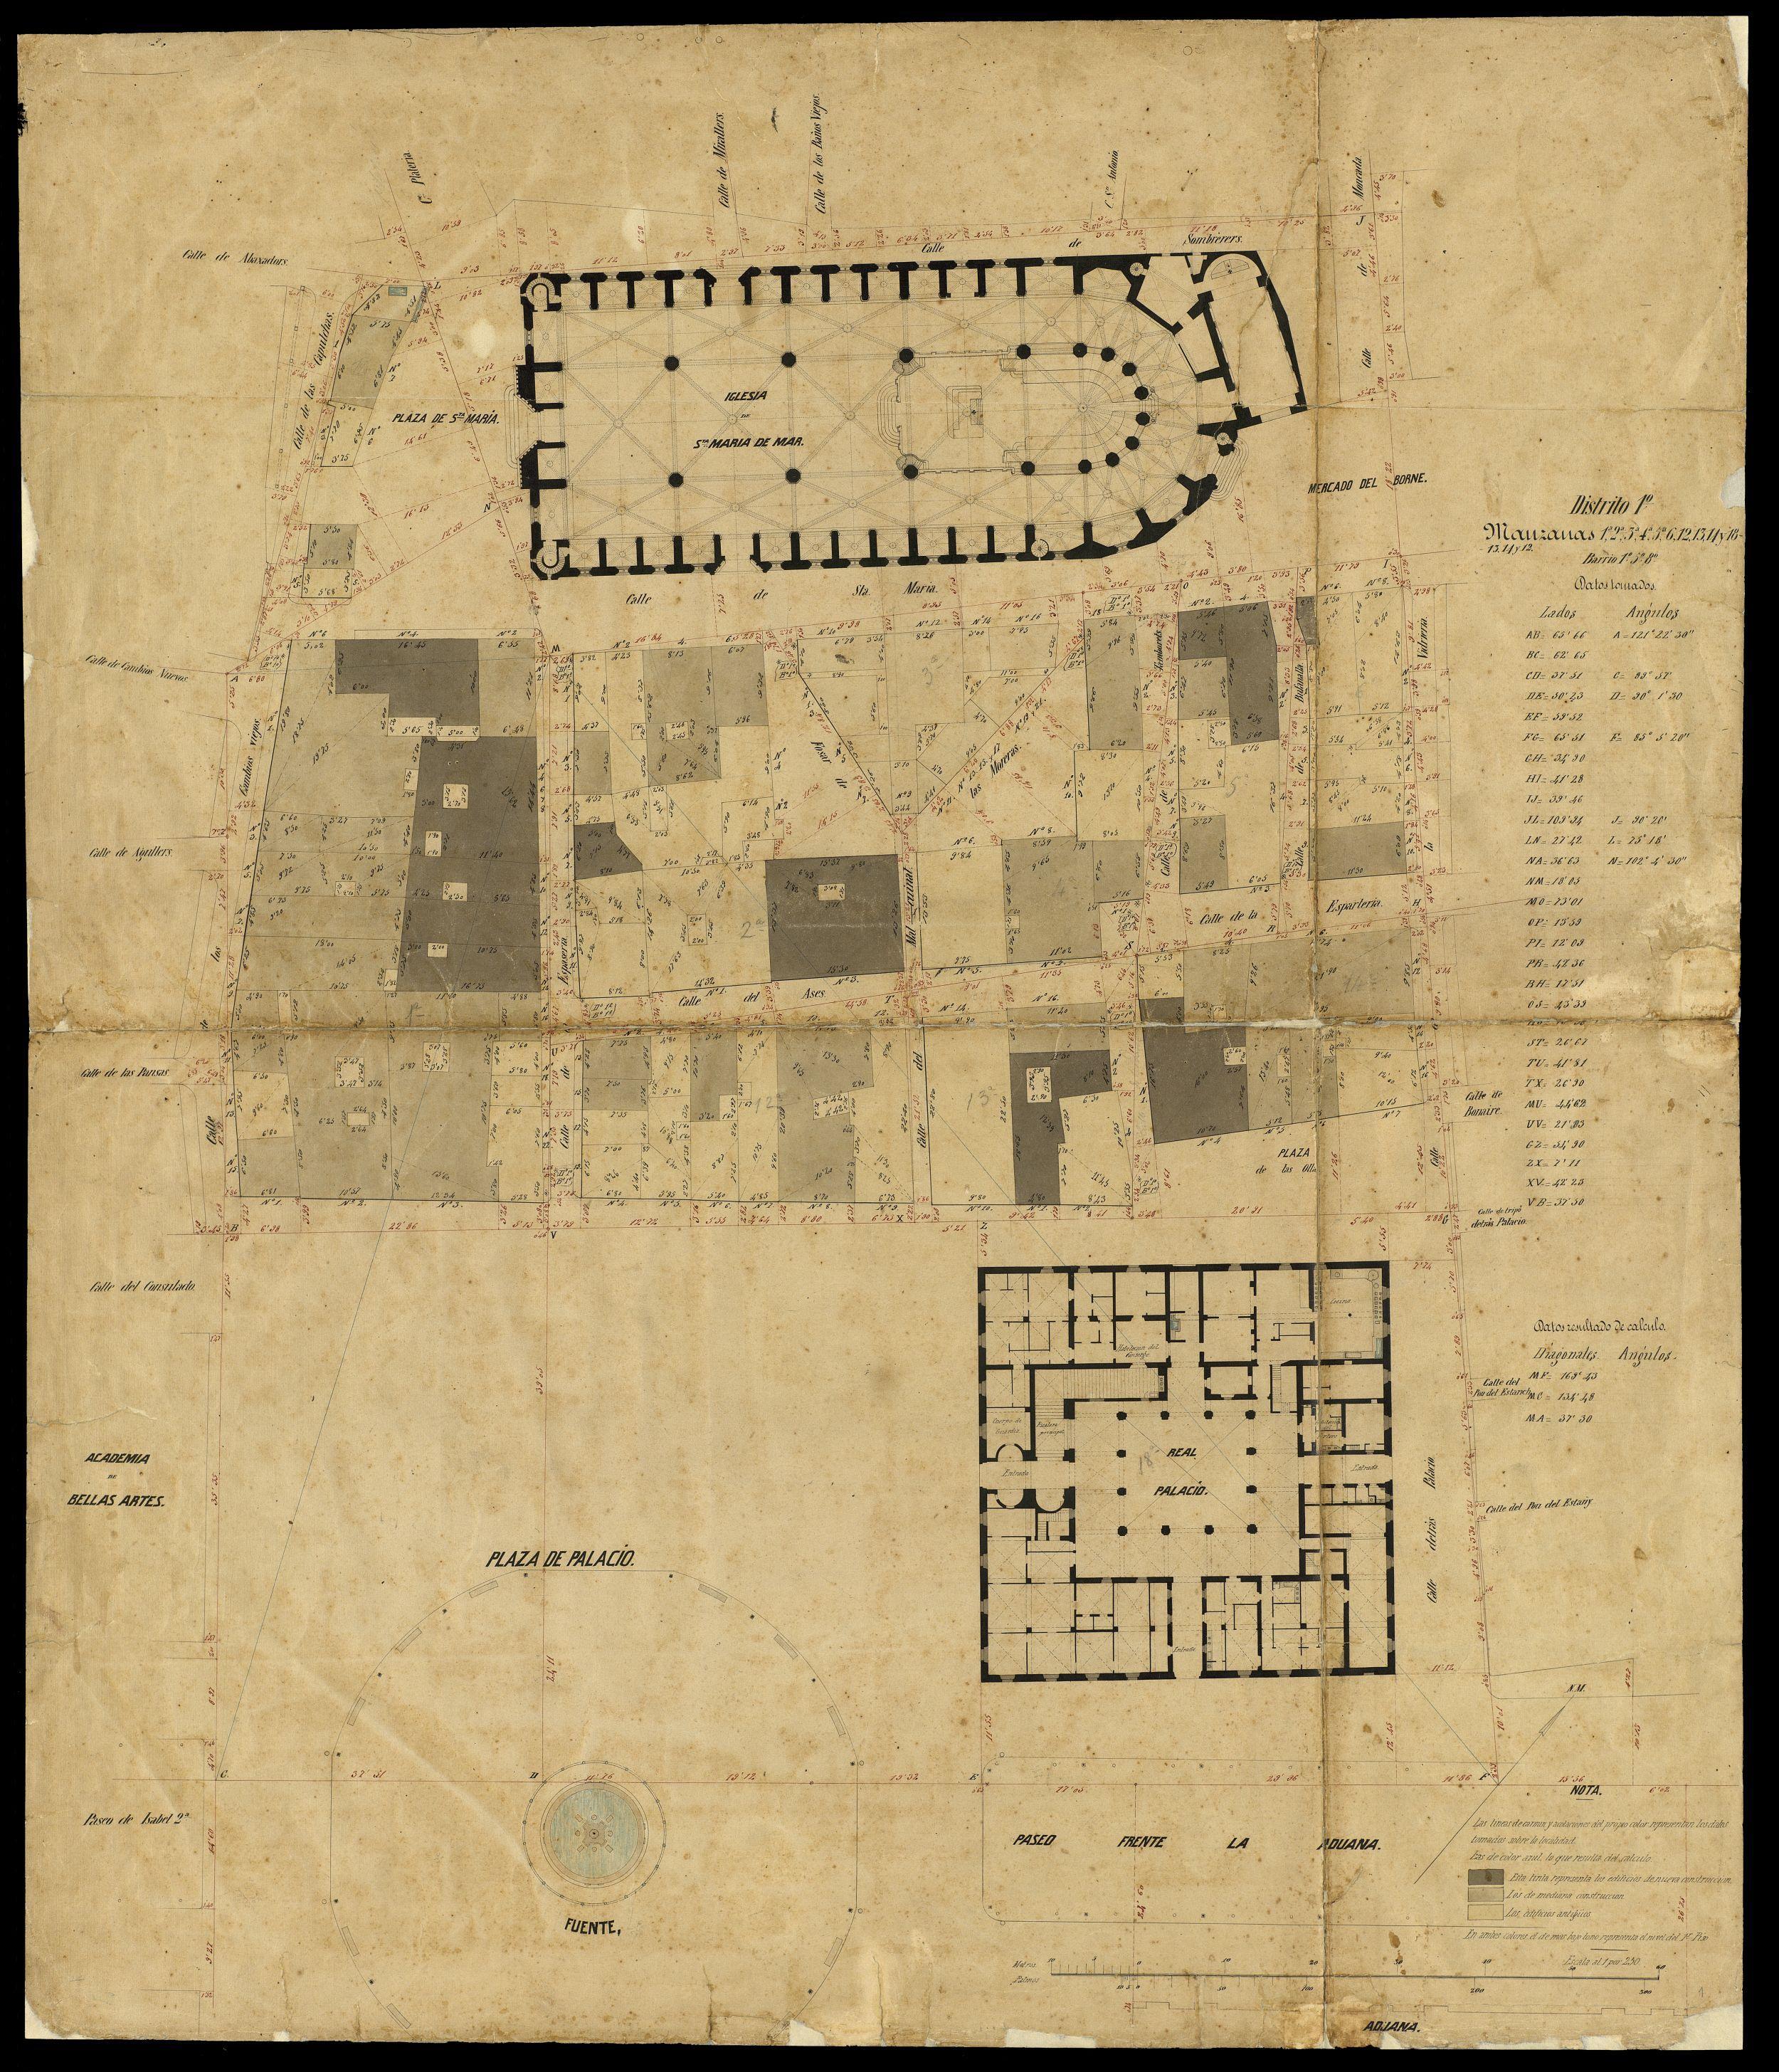 Planta de l'església de Santa Maria del Mar i els seus entorns urbans, projecte de l'arquitecte municipal Miquel Garriga i Roca, cap al 1860